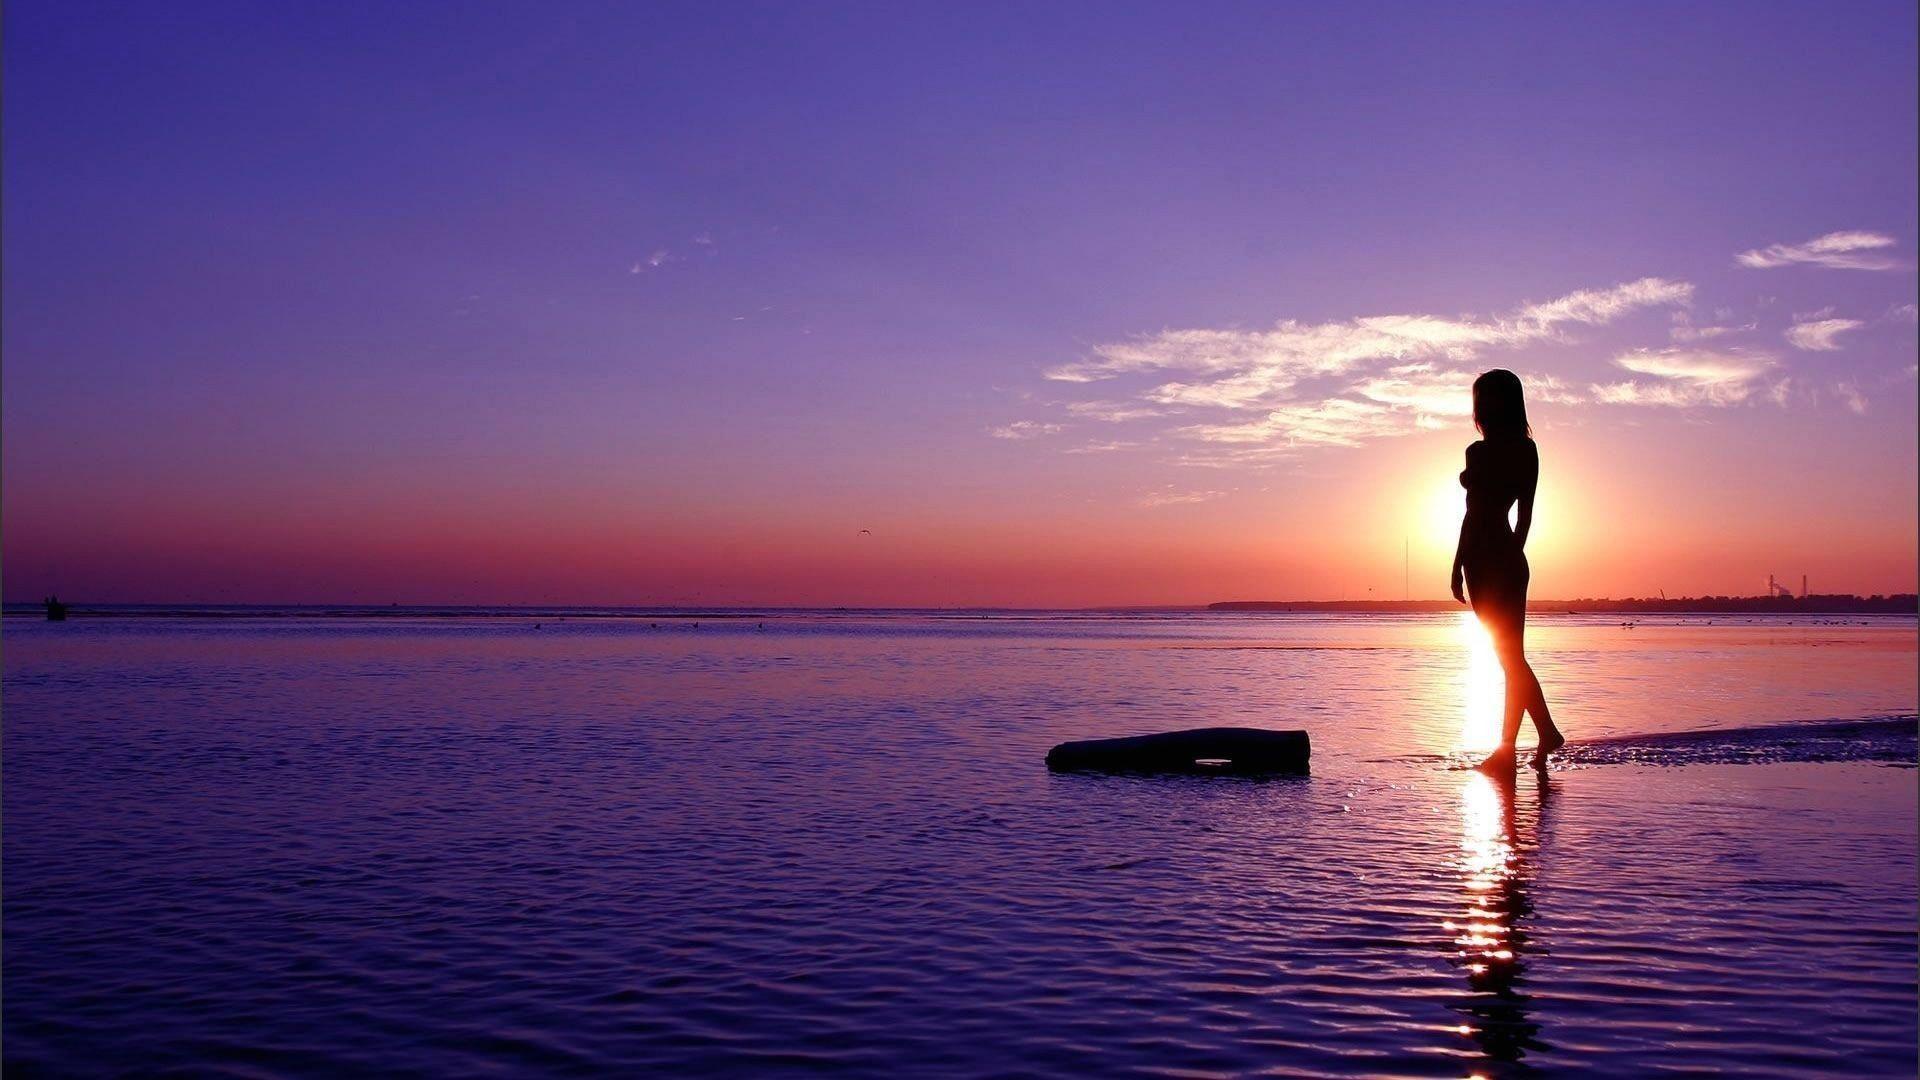 388bda6c77 playa puesta de sol silueta mujer fondos de pantalla | photos ...